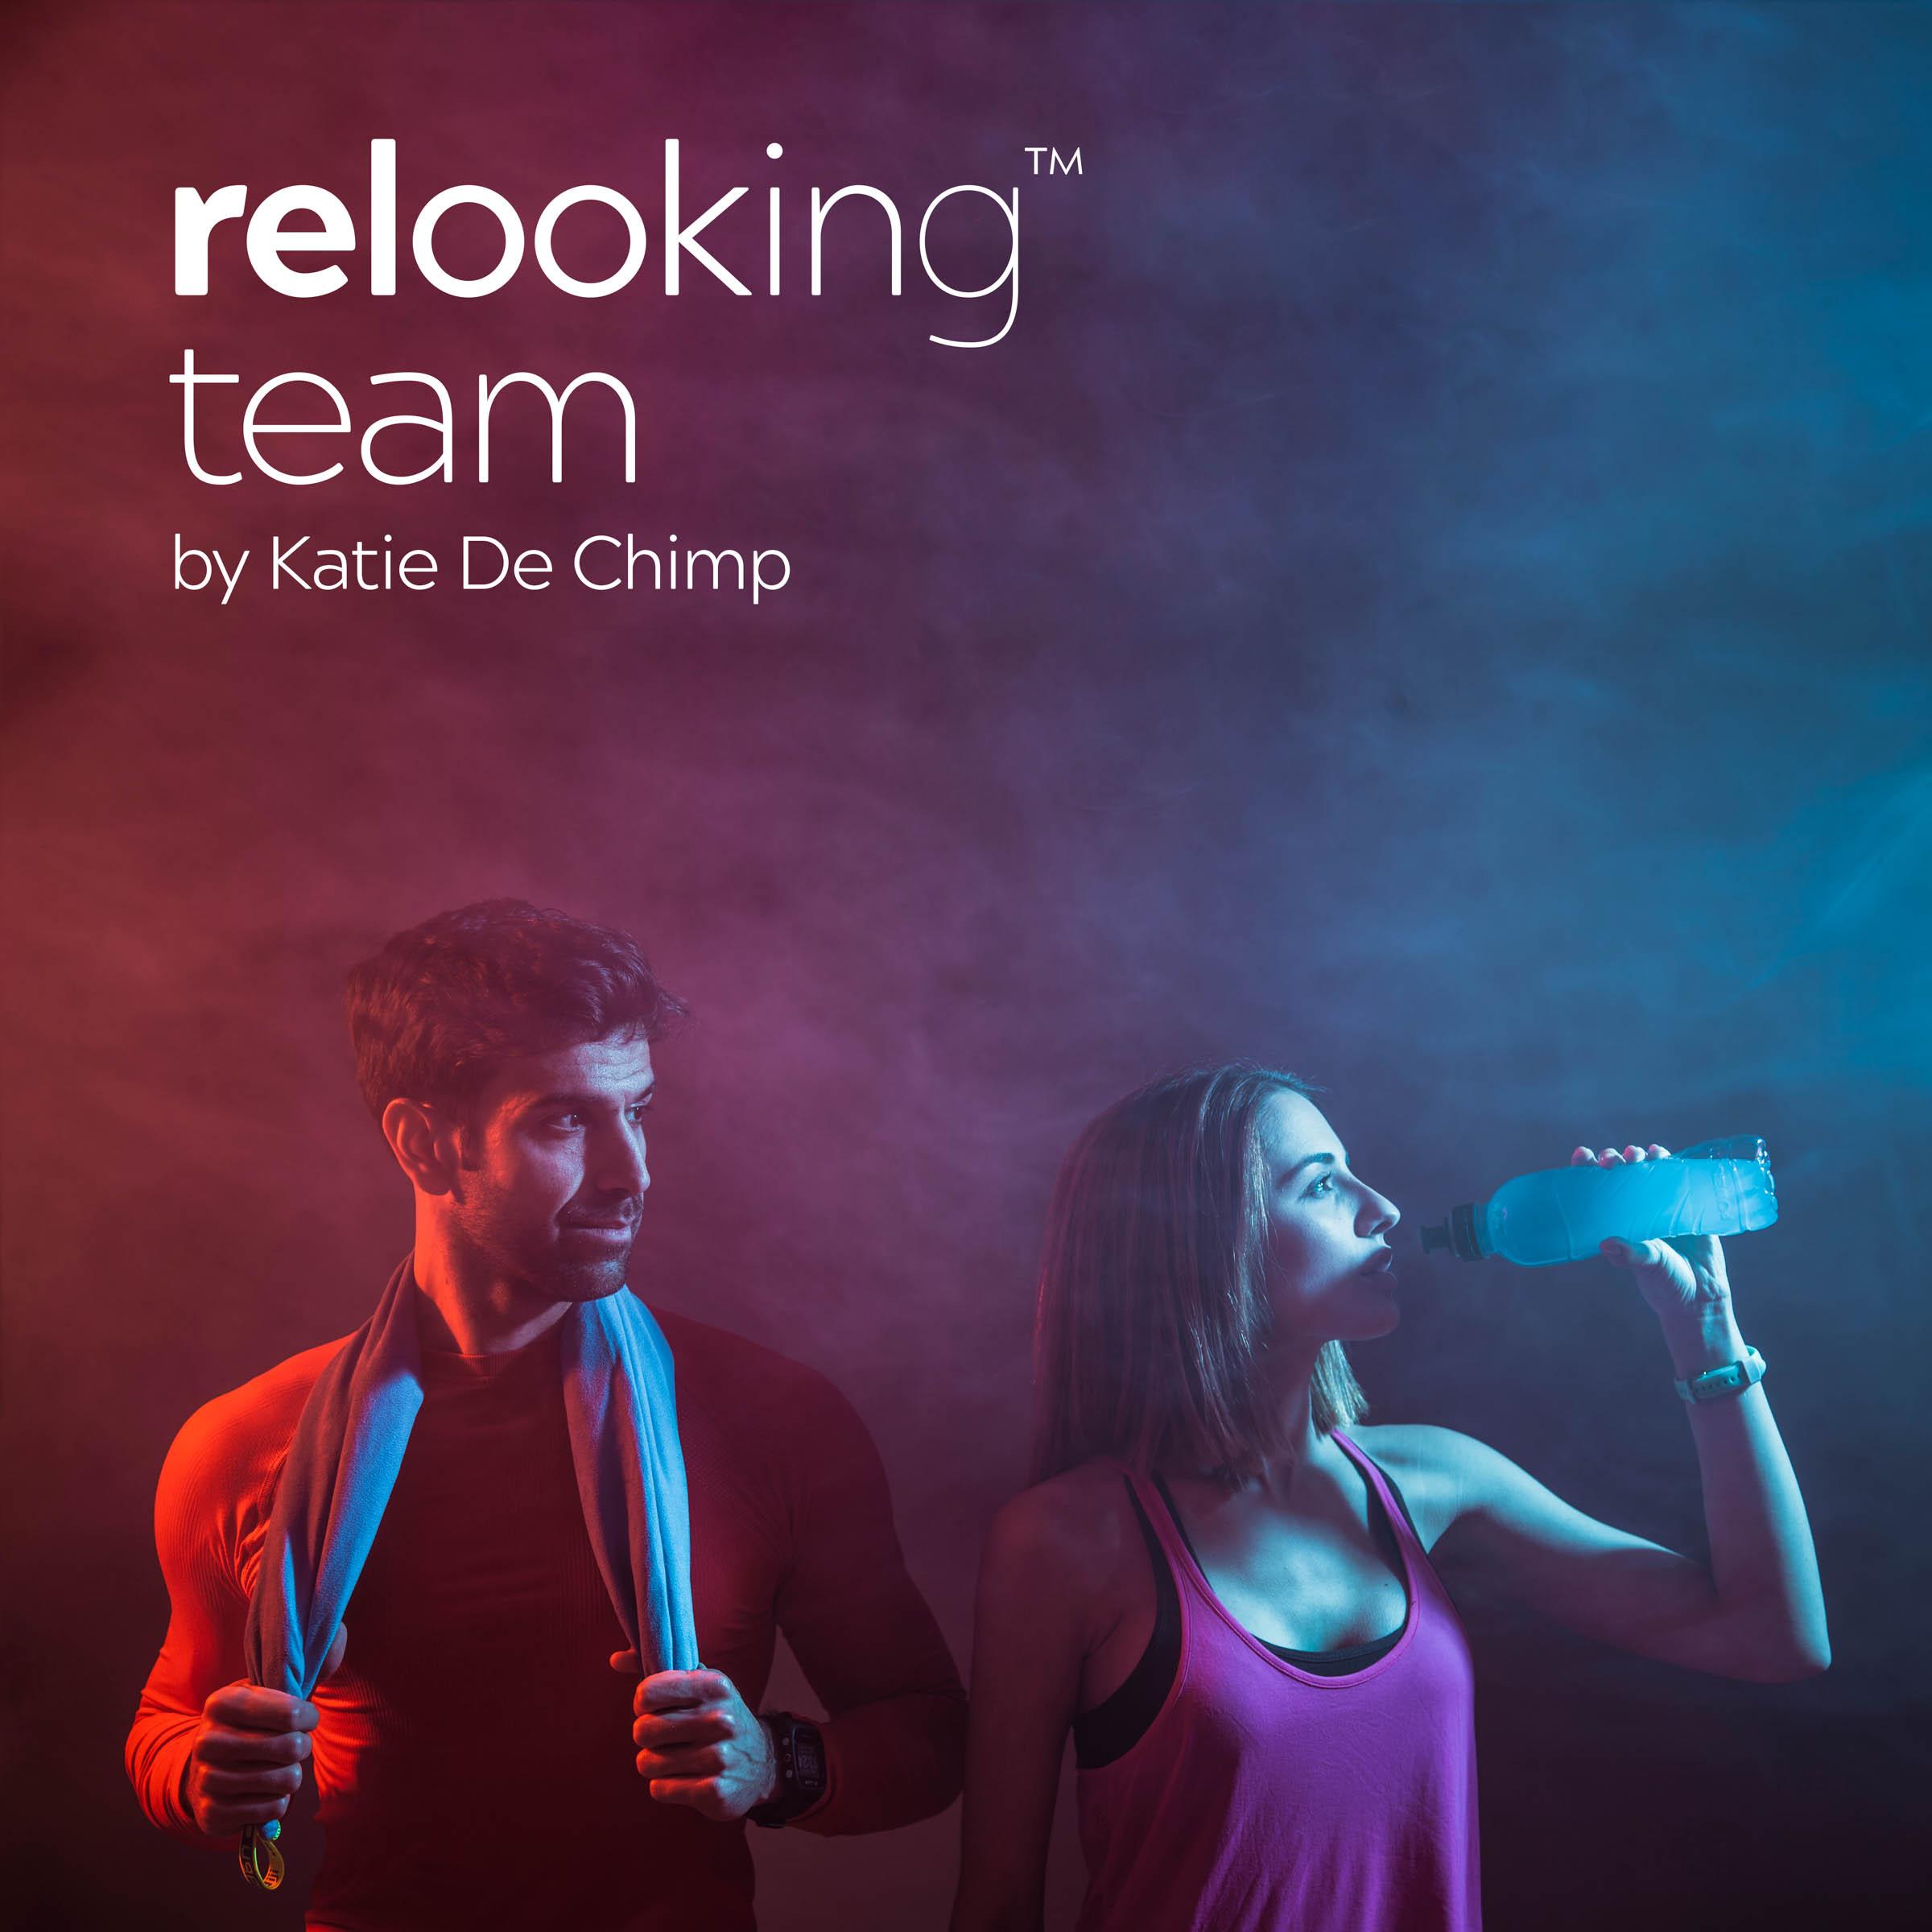 logo relooking team by Katie De Chimp